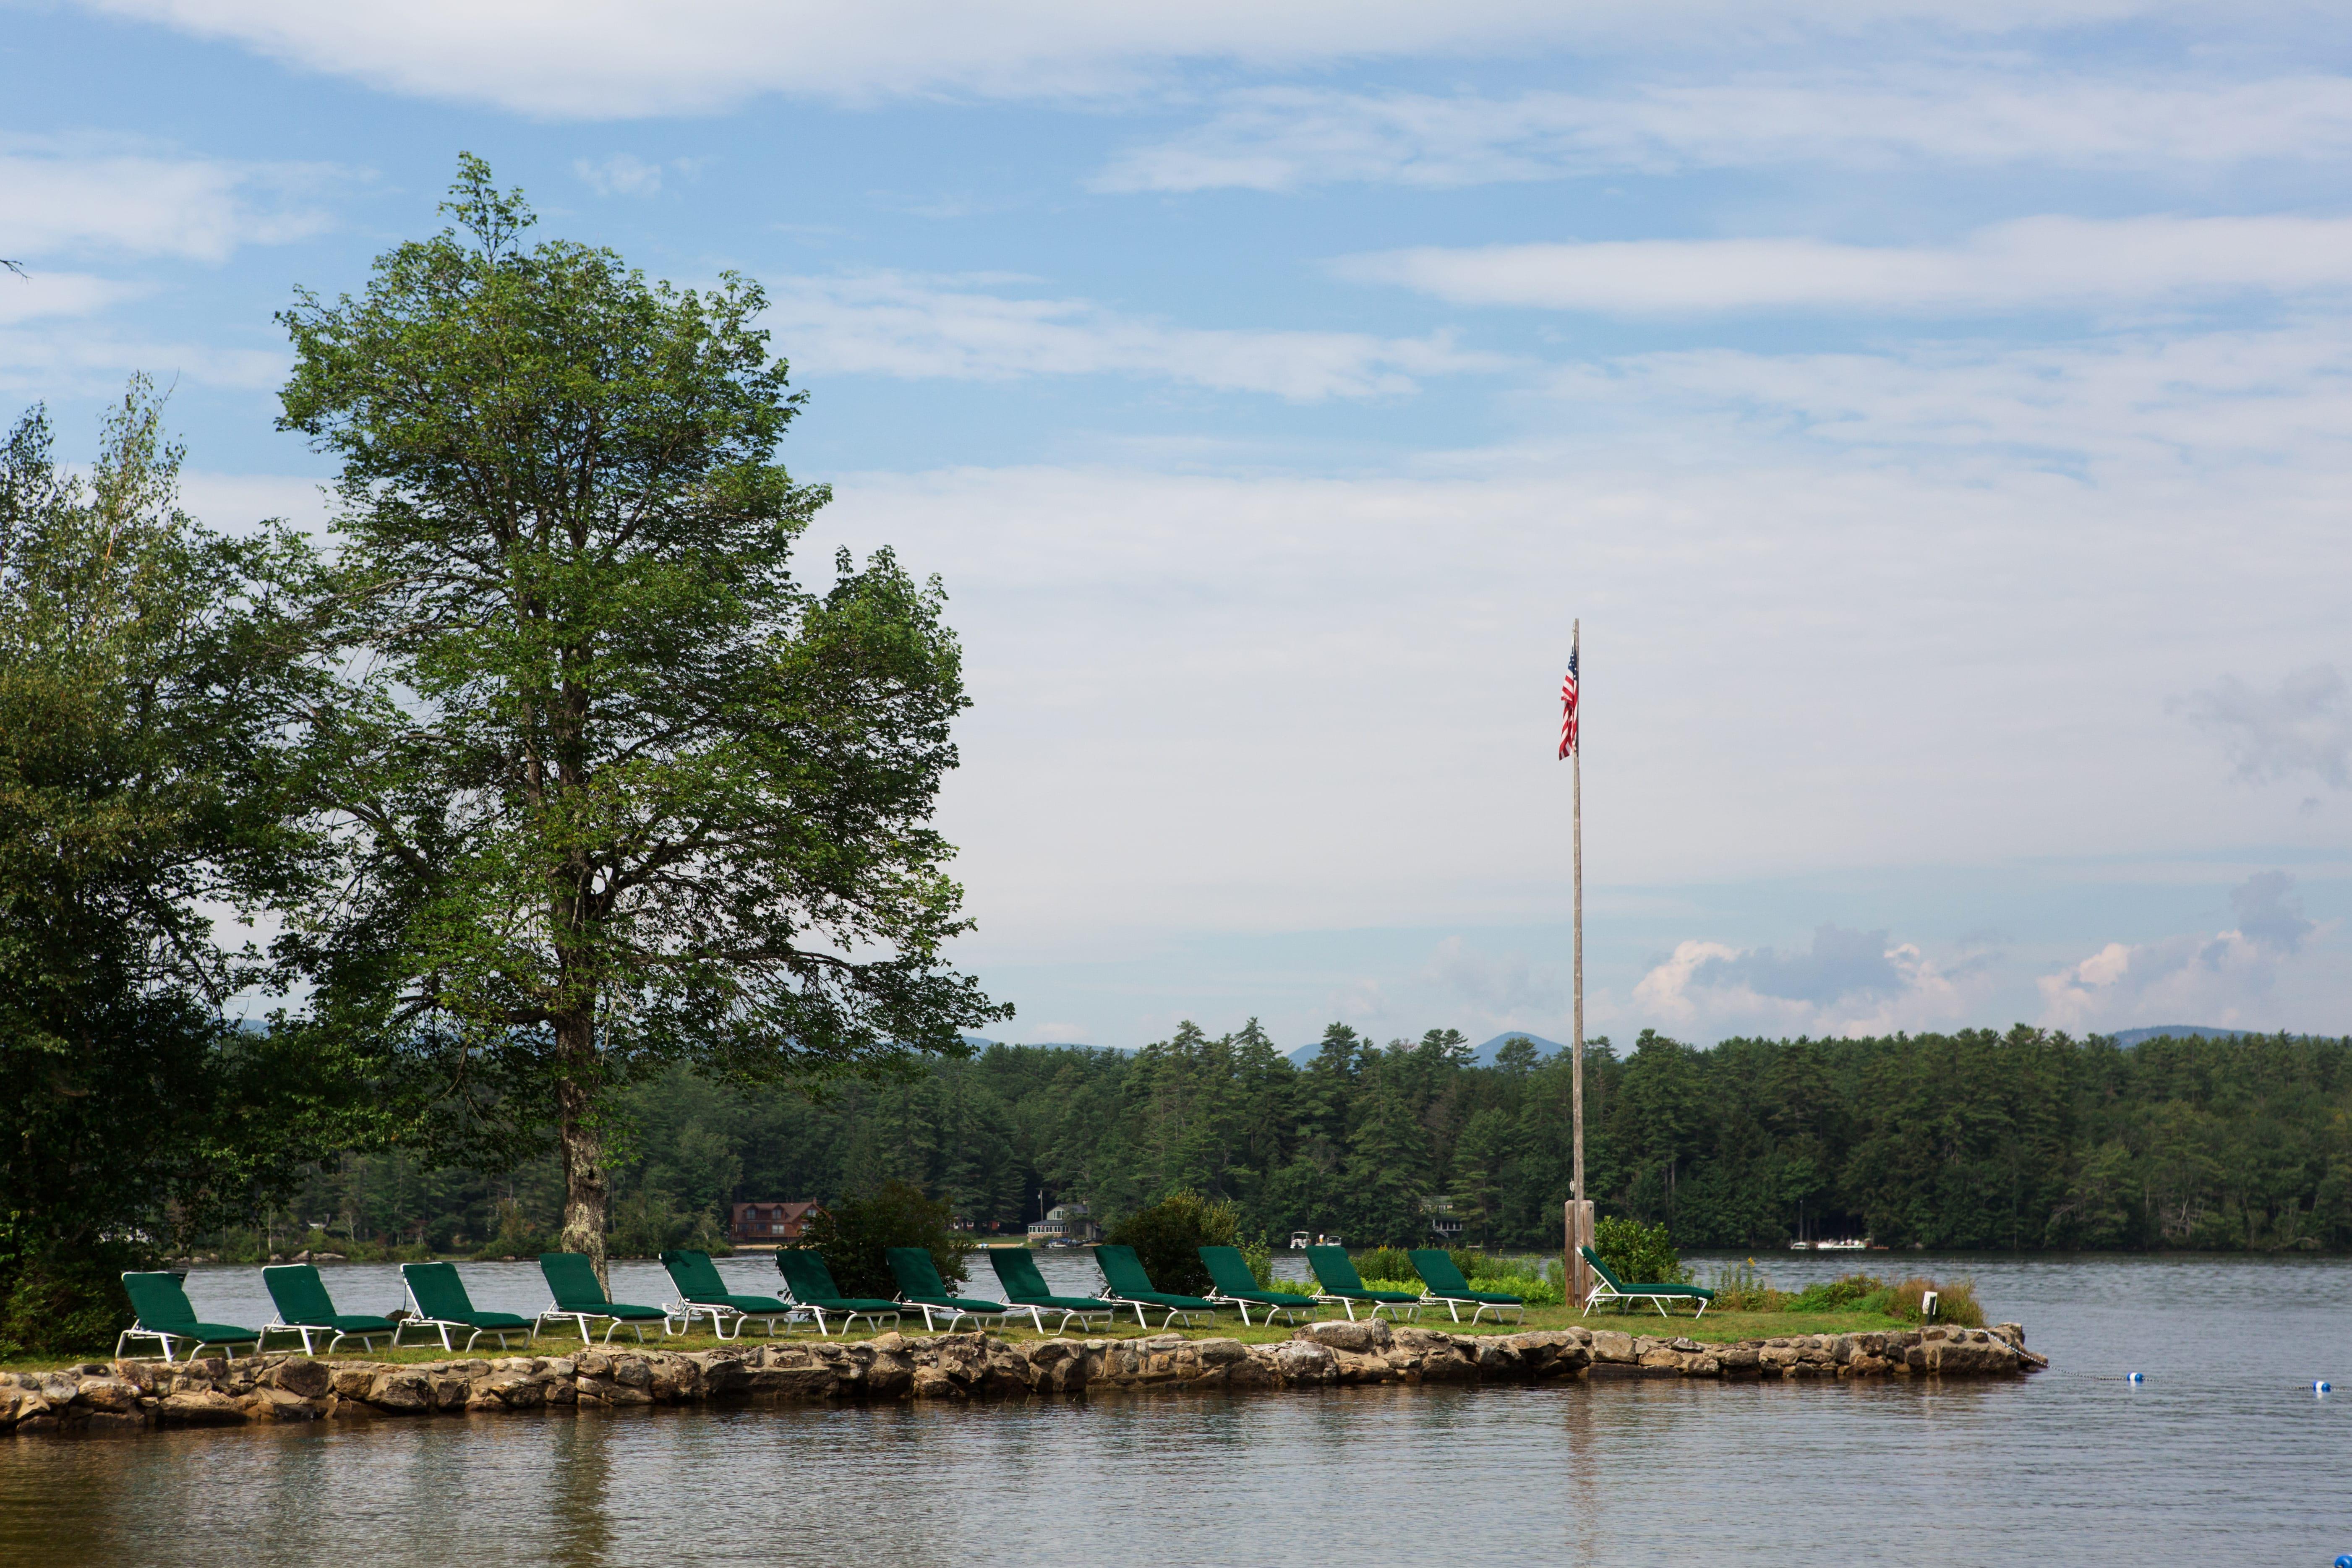 Quisisiana lake and flag pole